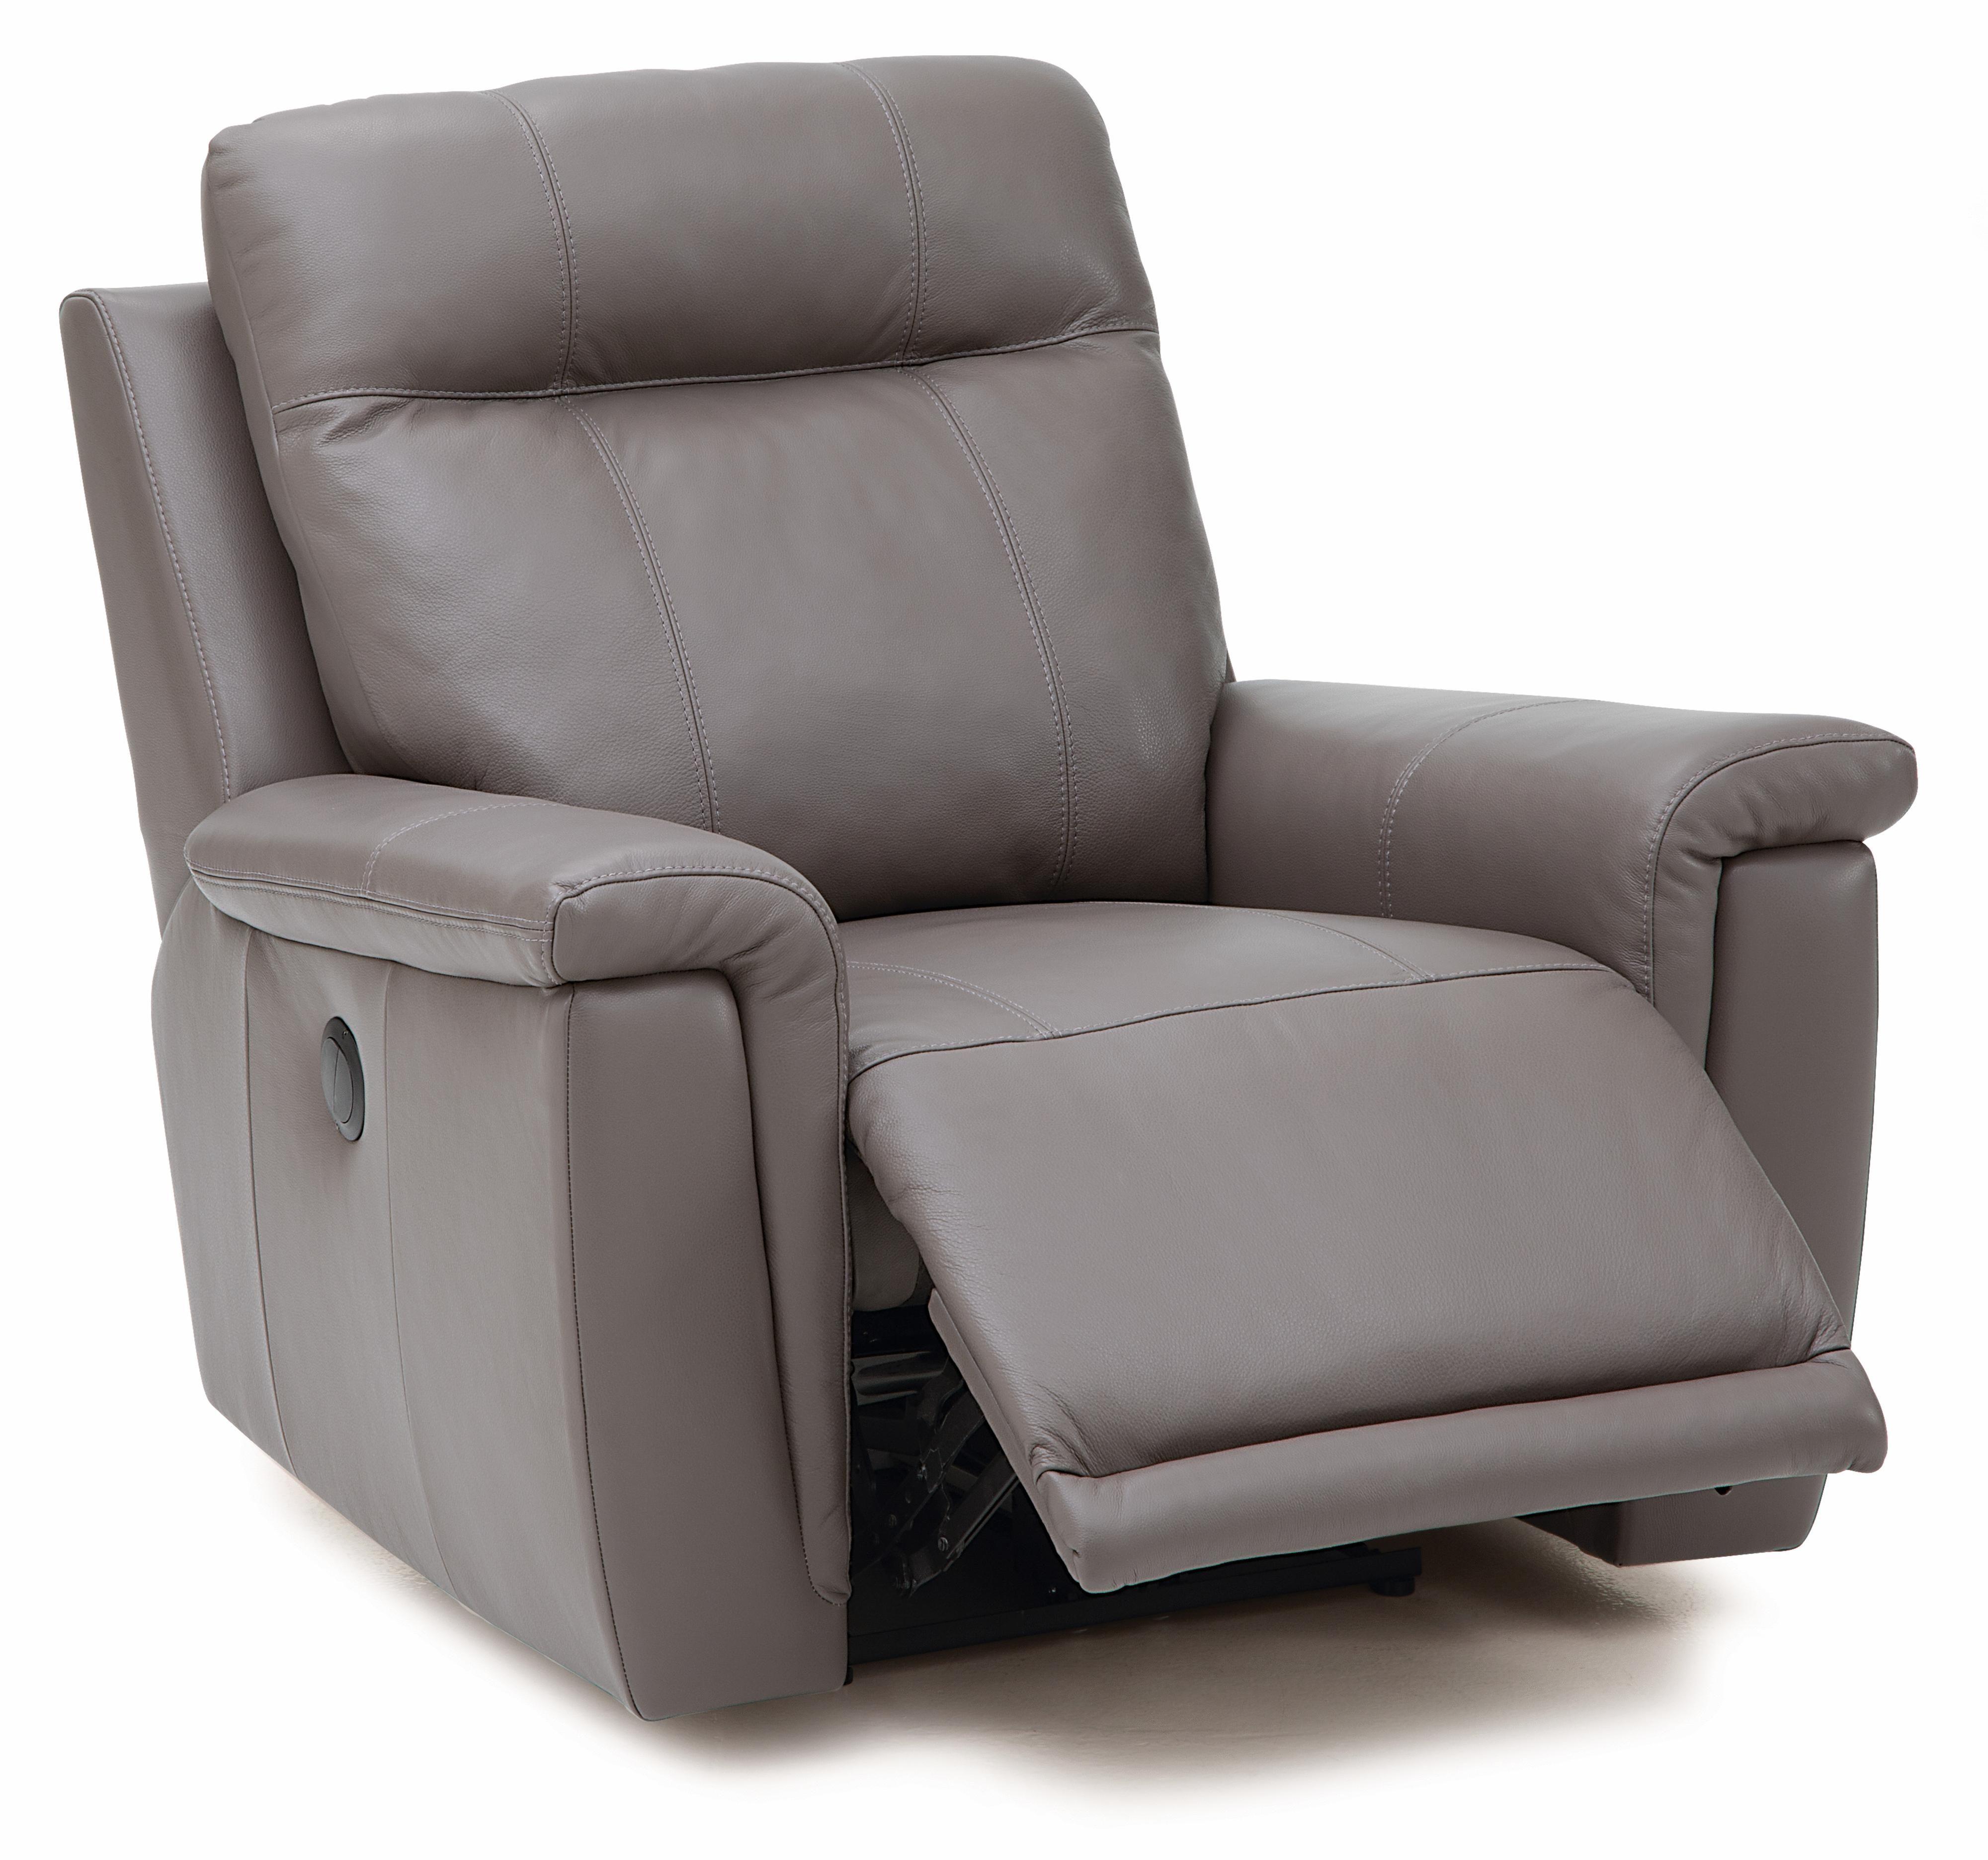 Westpoint Rocker Recliner By Palliser Palliser Furniture